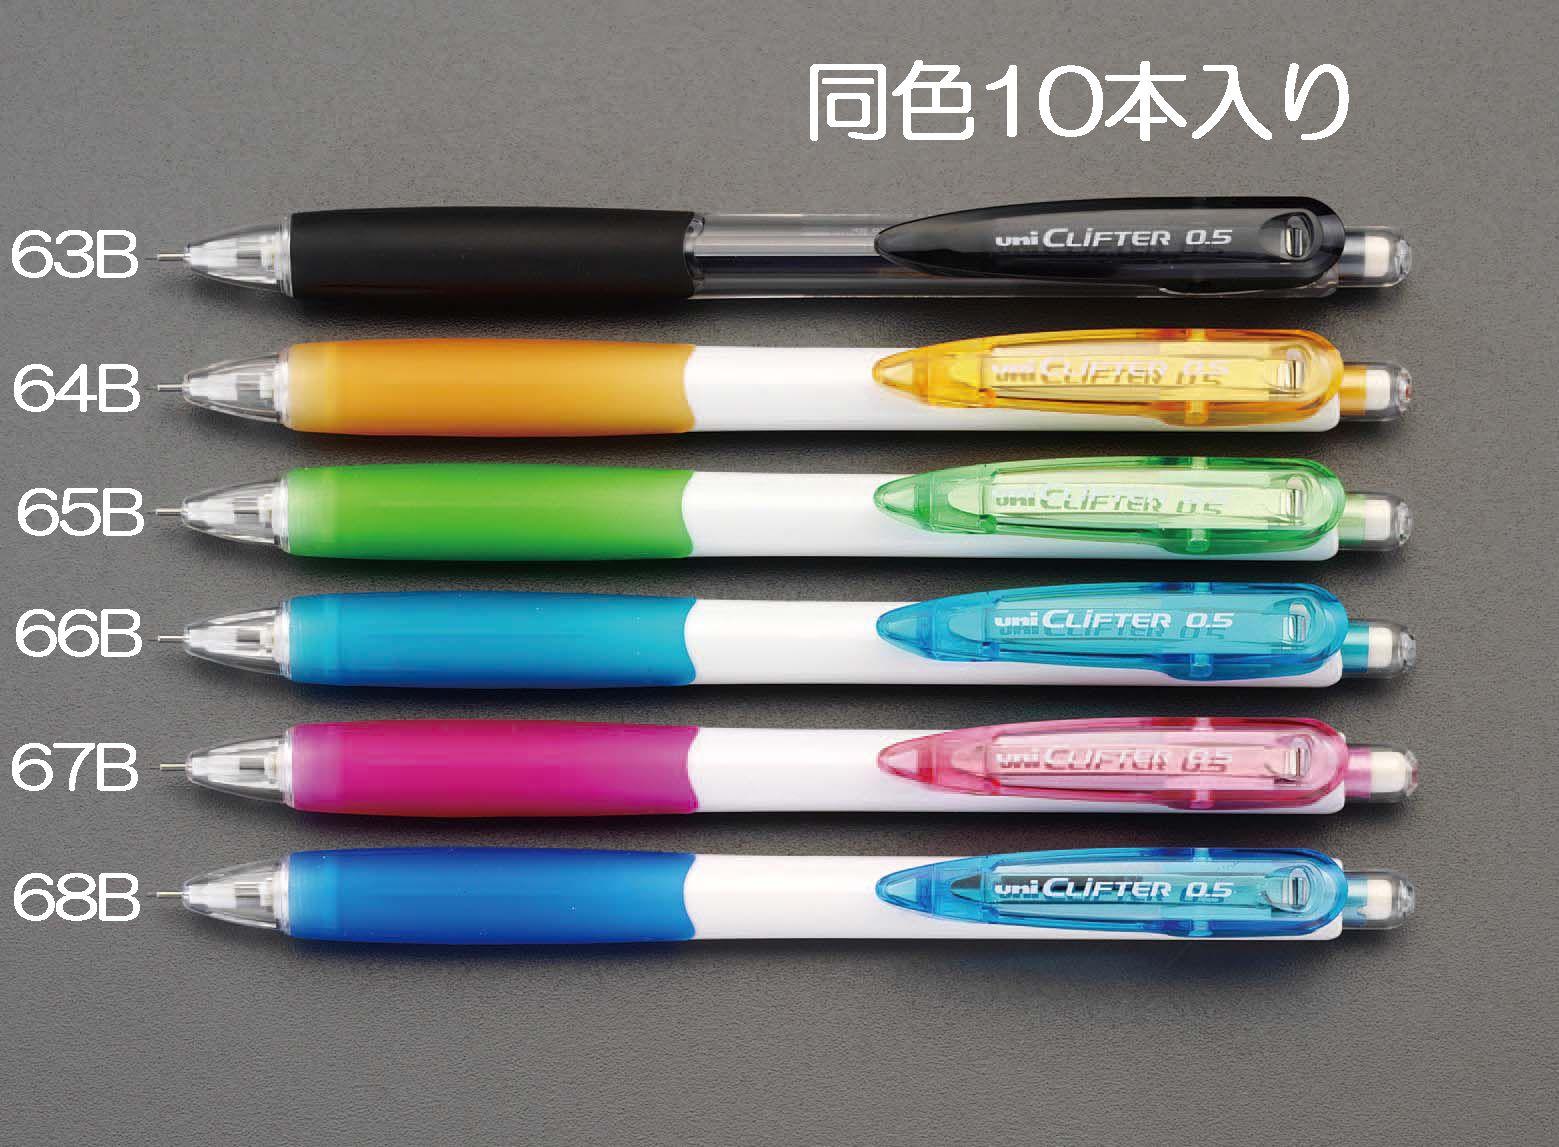 メーカー在庫あり エスコ ESCO 0.5mm シャープペンシル 10本 000012239984 JP 大人気! 黒 低廉